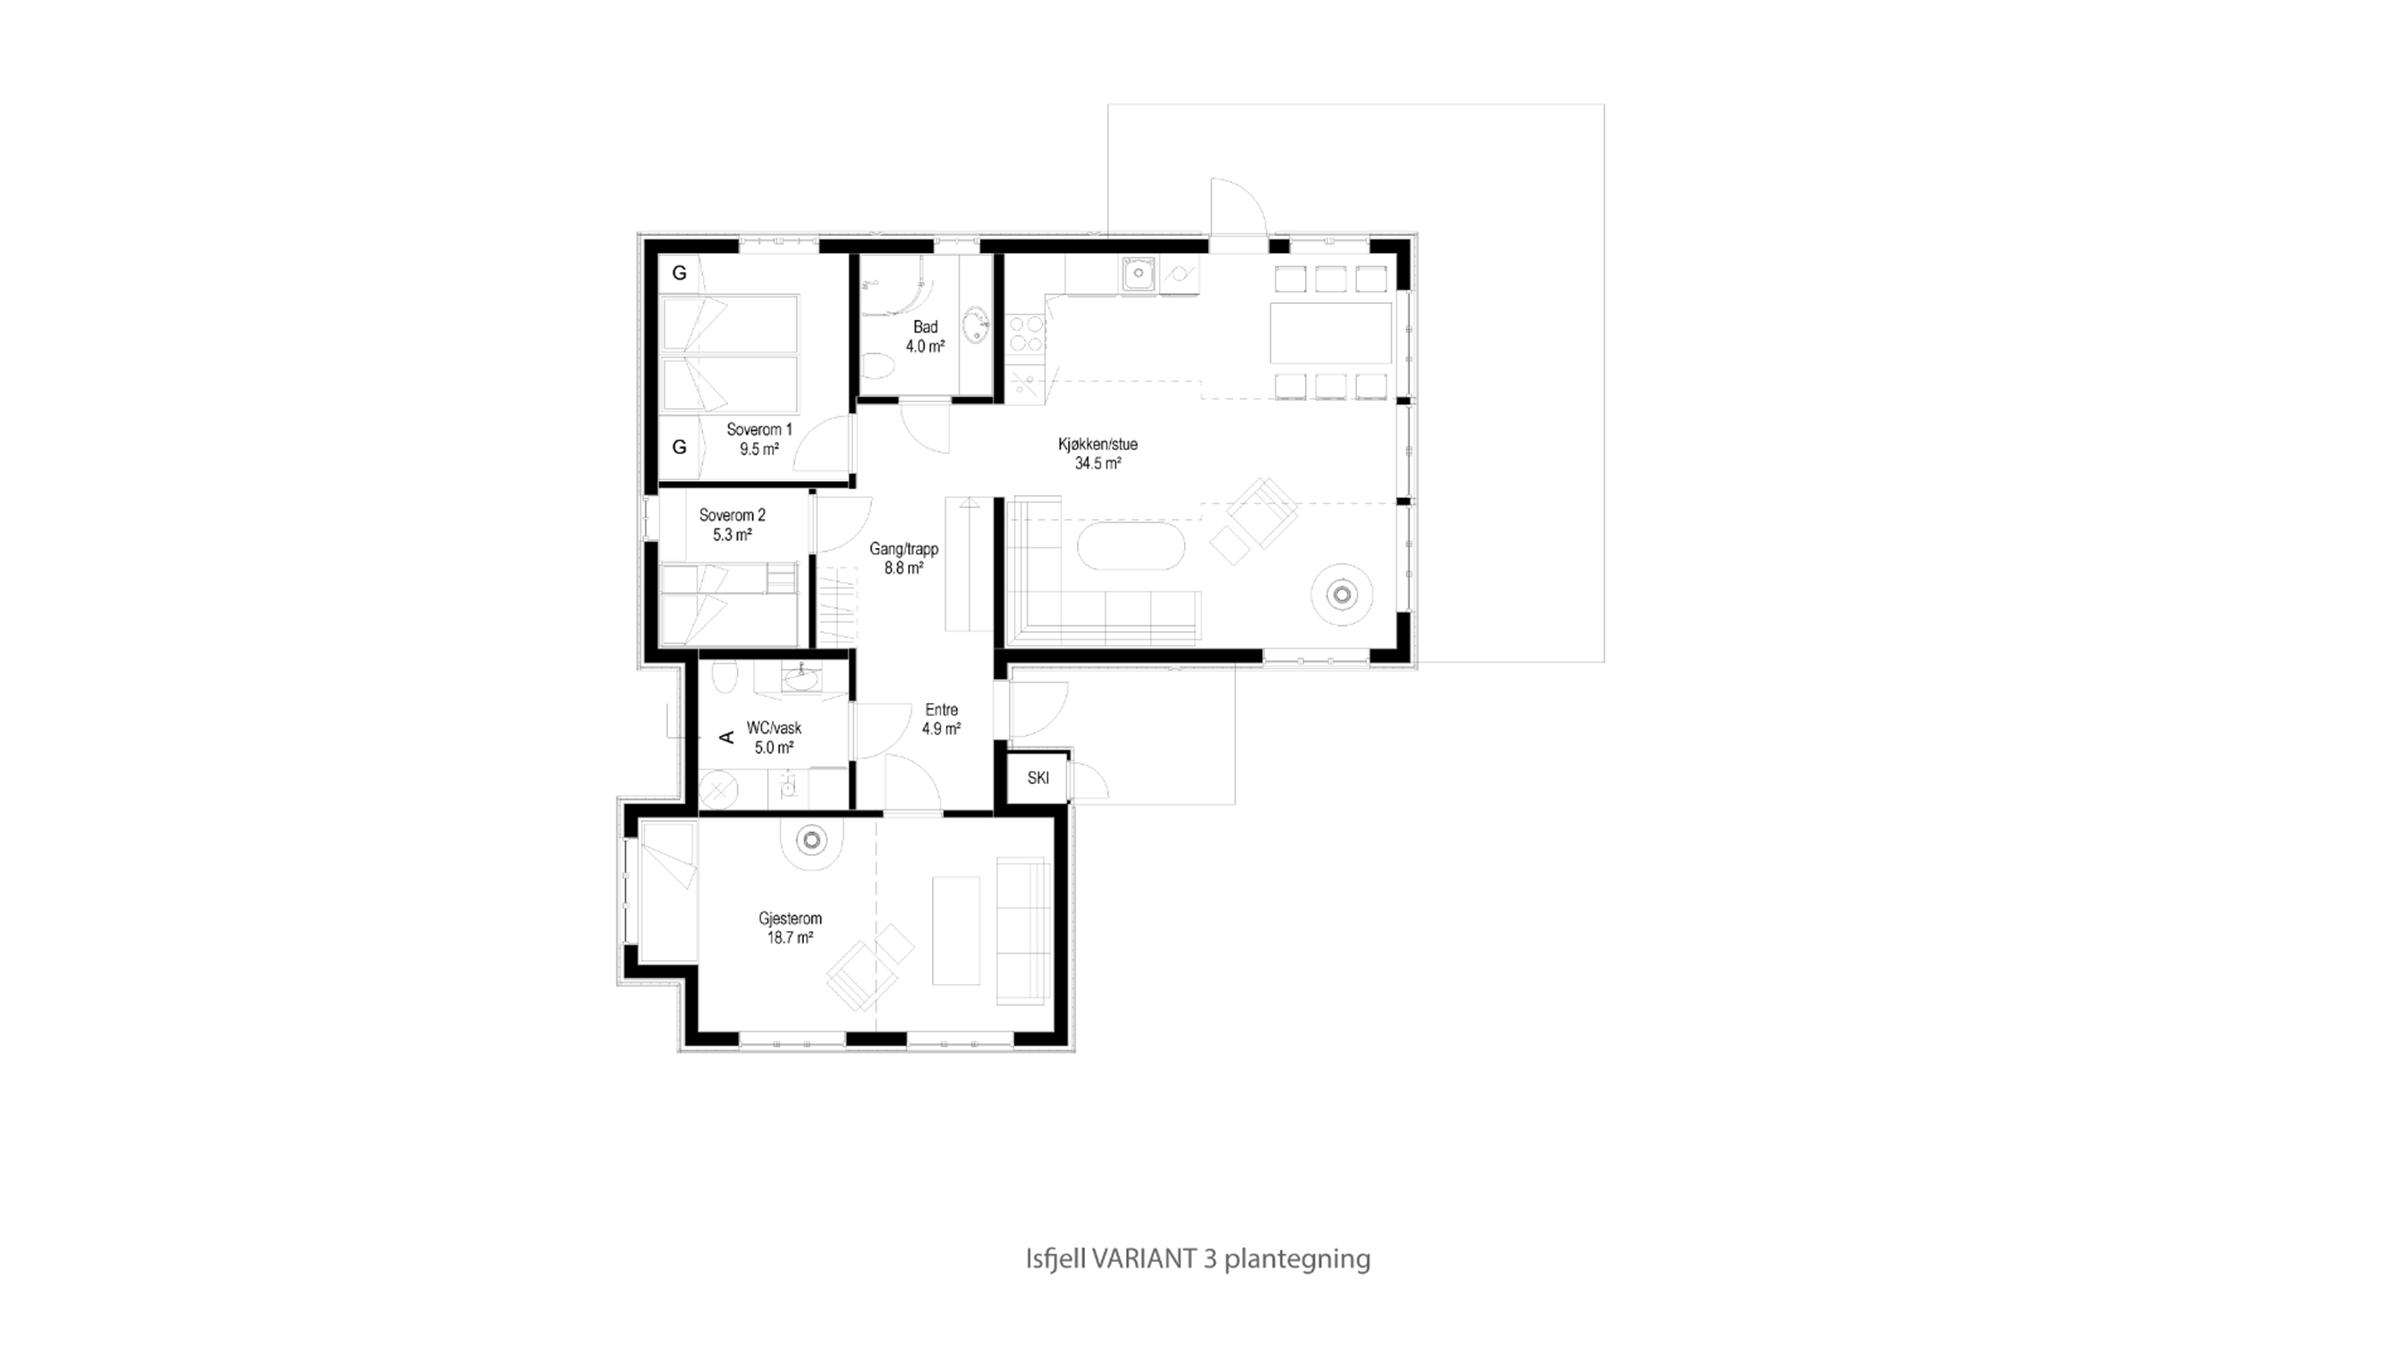 Hytte plantegning Isfjell VARIANT 3